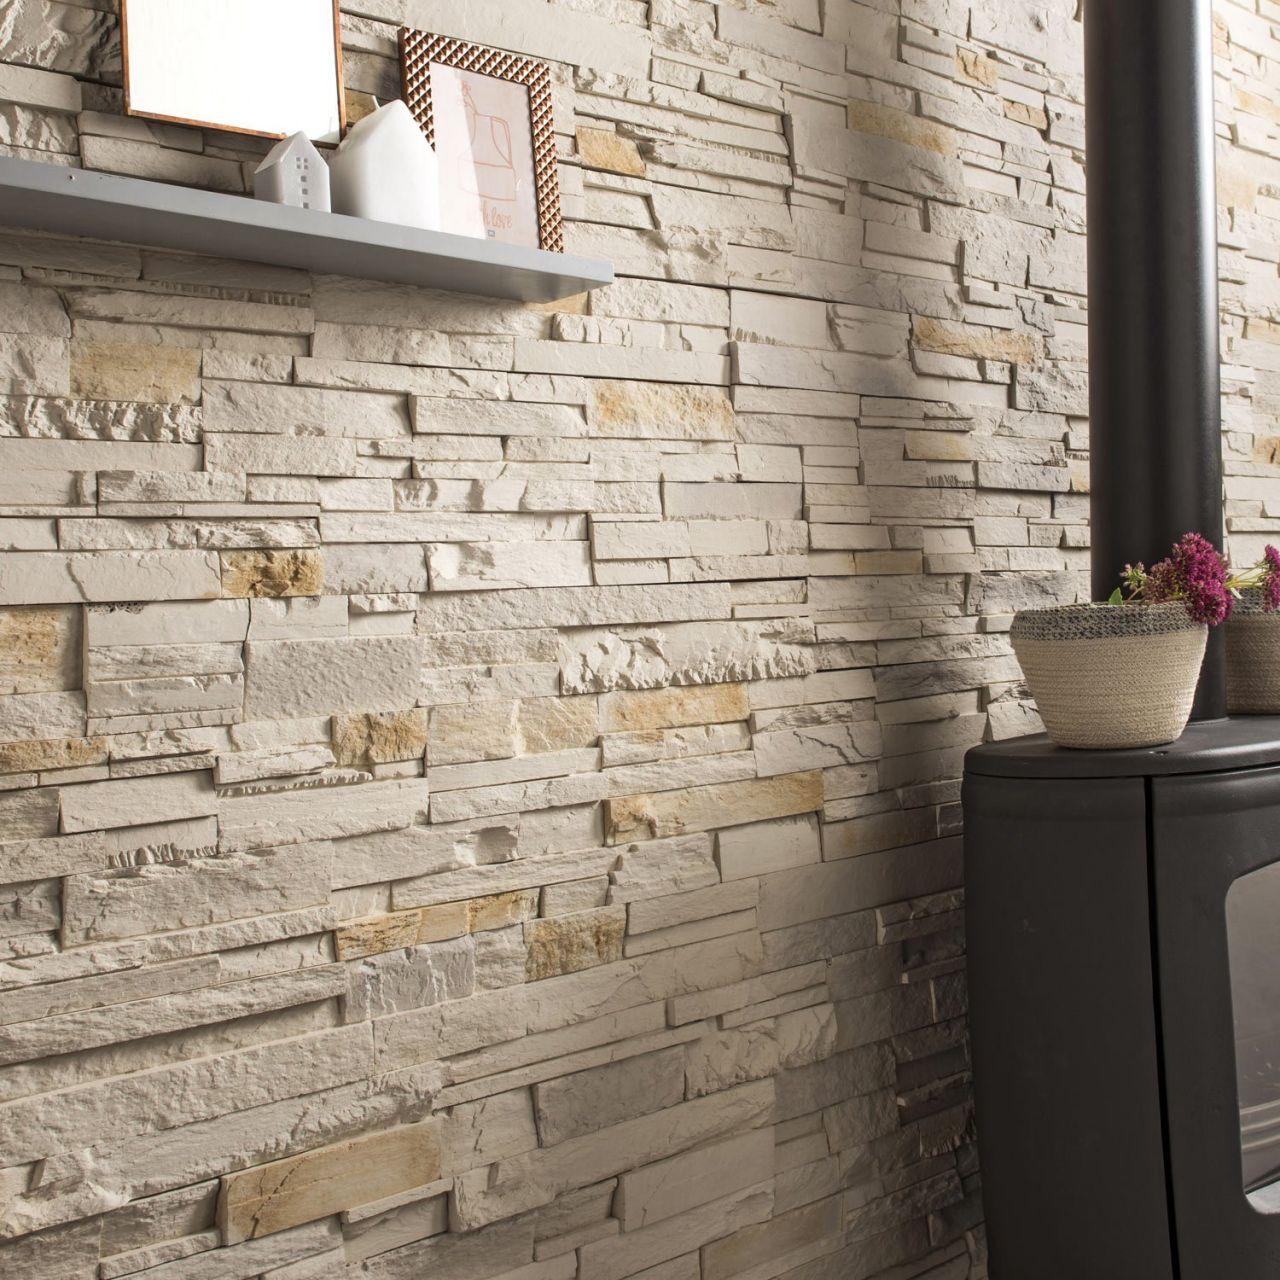 www.leroymerlin.fr/v3/p/produits/plaquette-de-parement-beton-beige-nuance-santorin-e1401300031